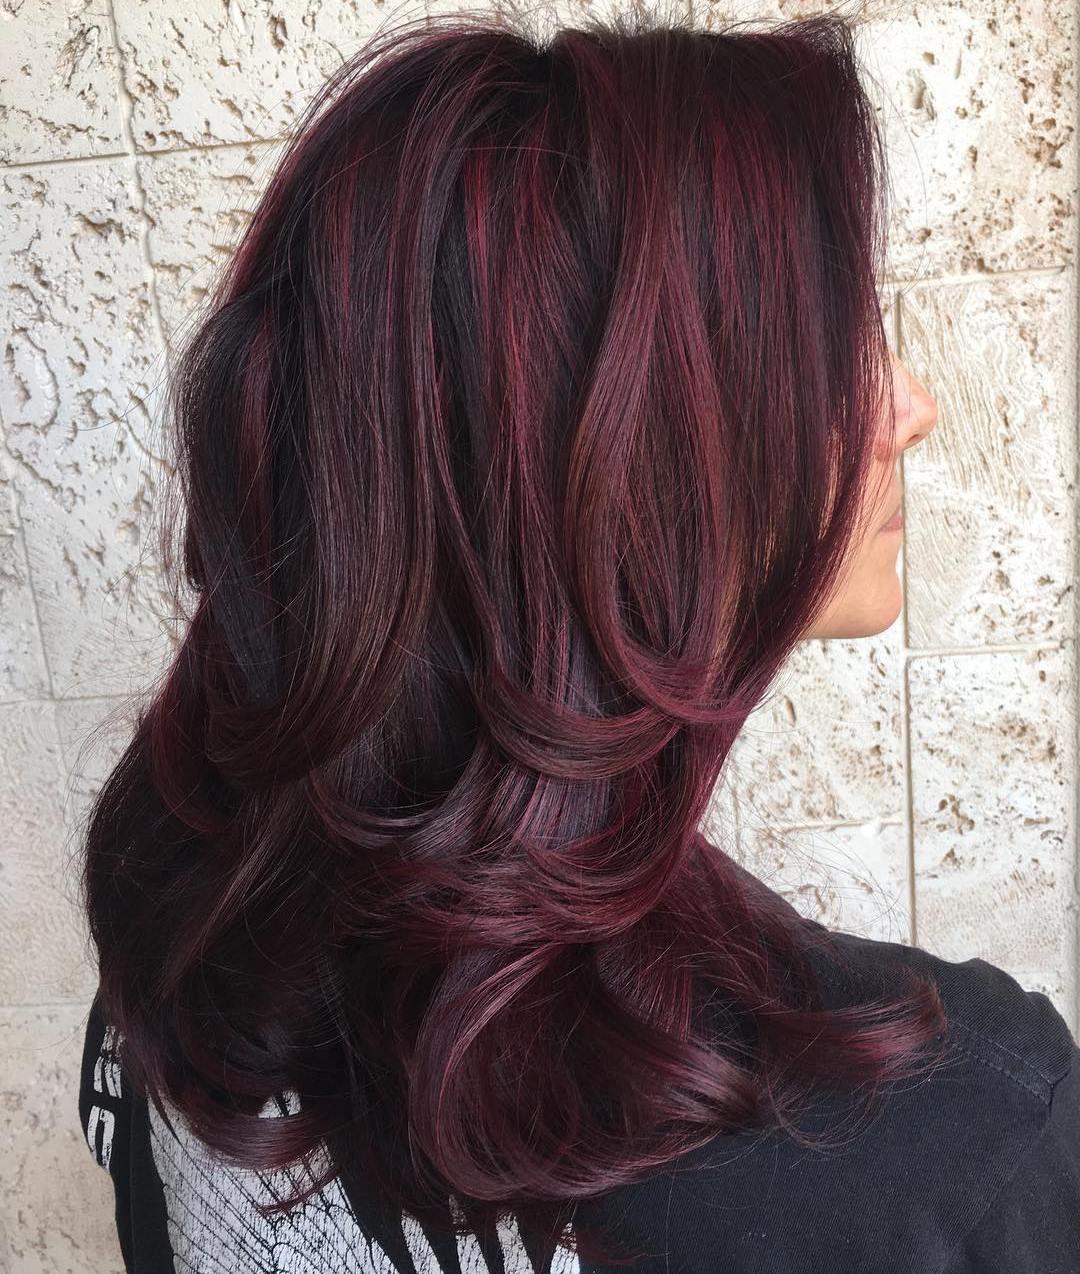 Fabulous Burgundy Hair Color Idea